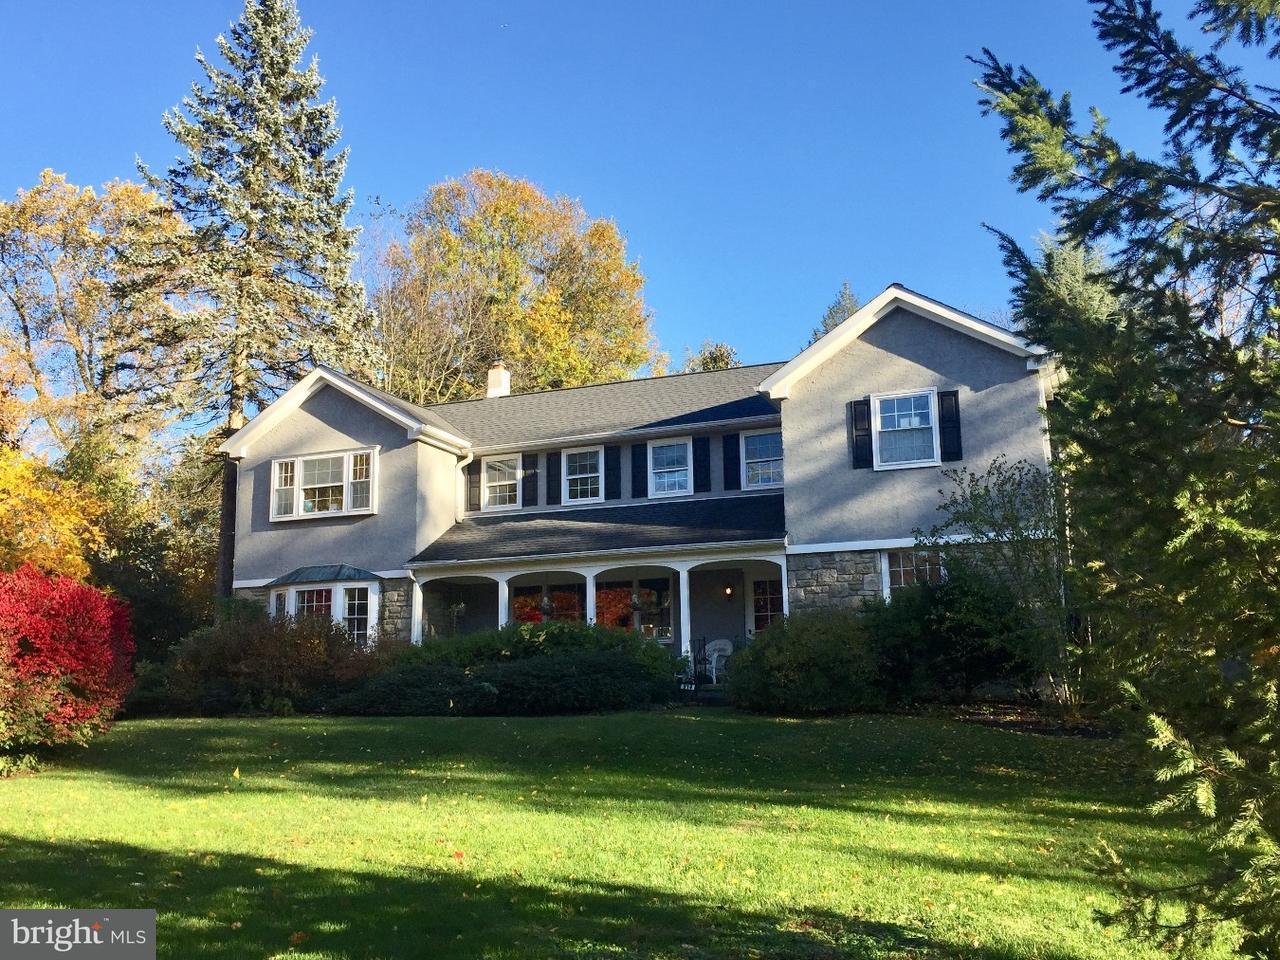 独户住宅 为 销售 在 514 CRESHEIM VALLEY Road Wyndmoor, 宾夕法尼亚州 19038 美国